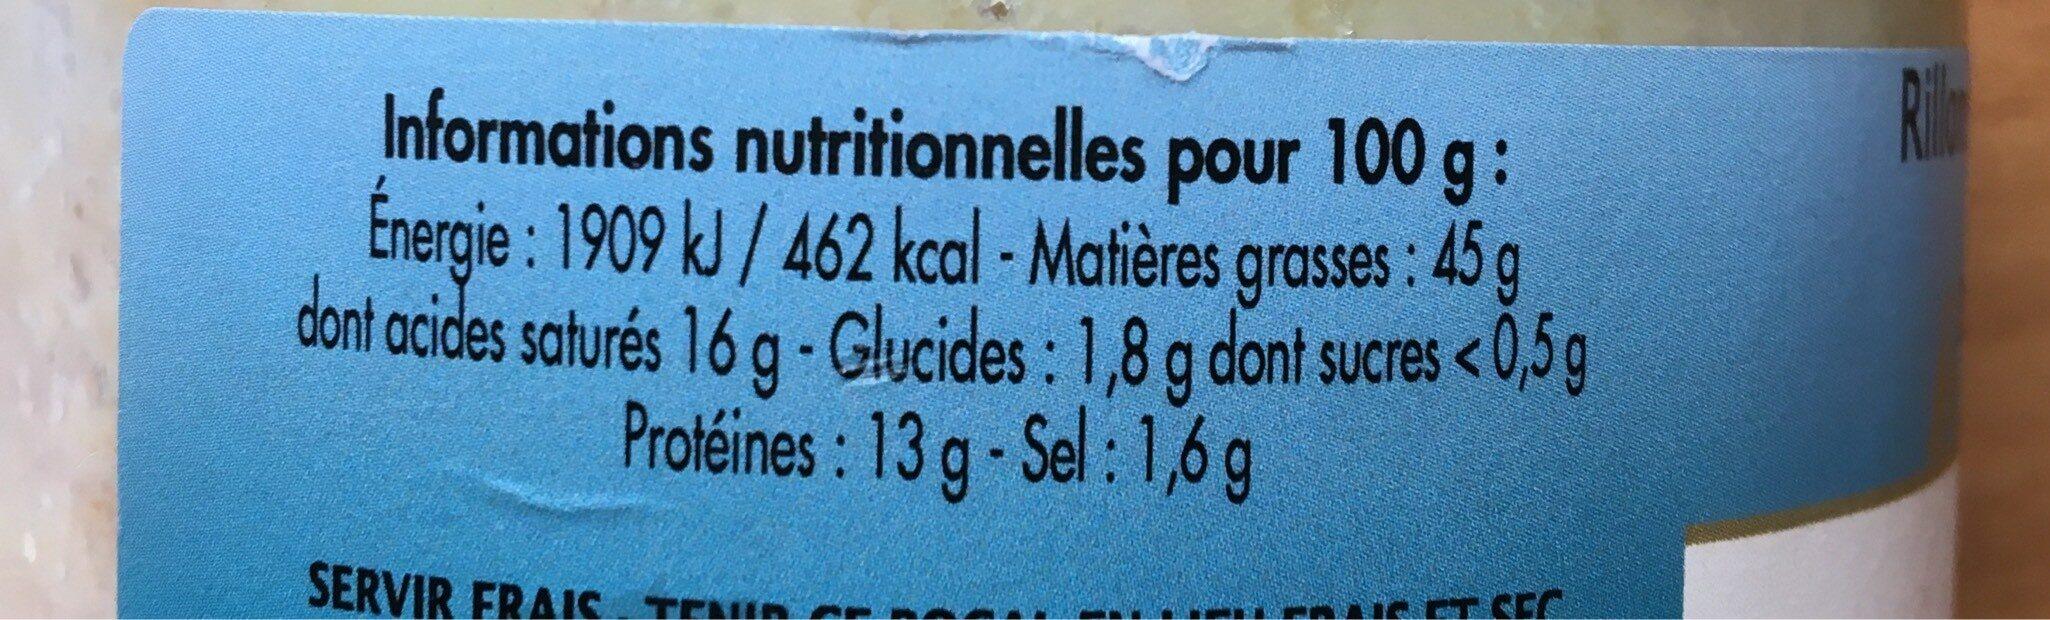 Rillons de Confit de Canard à la Landaise 20% Bloc de Foie Gras - Informations nutritionnelles - fr